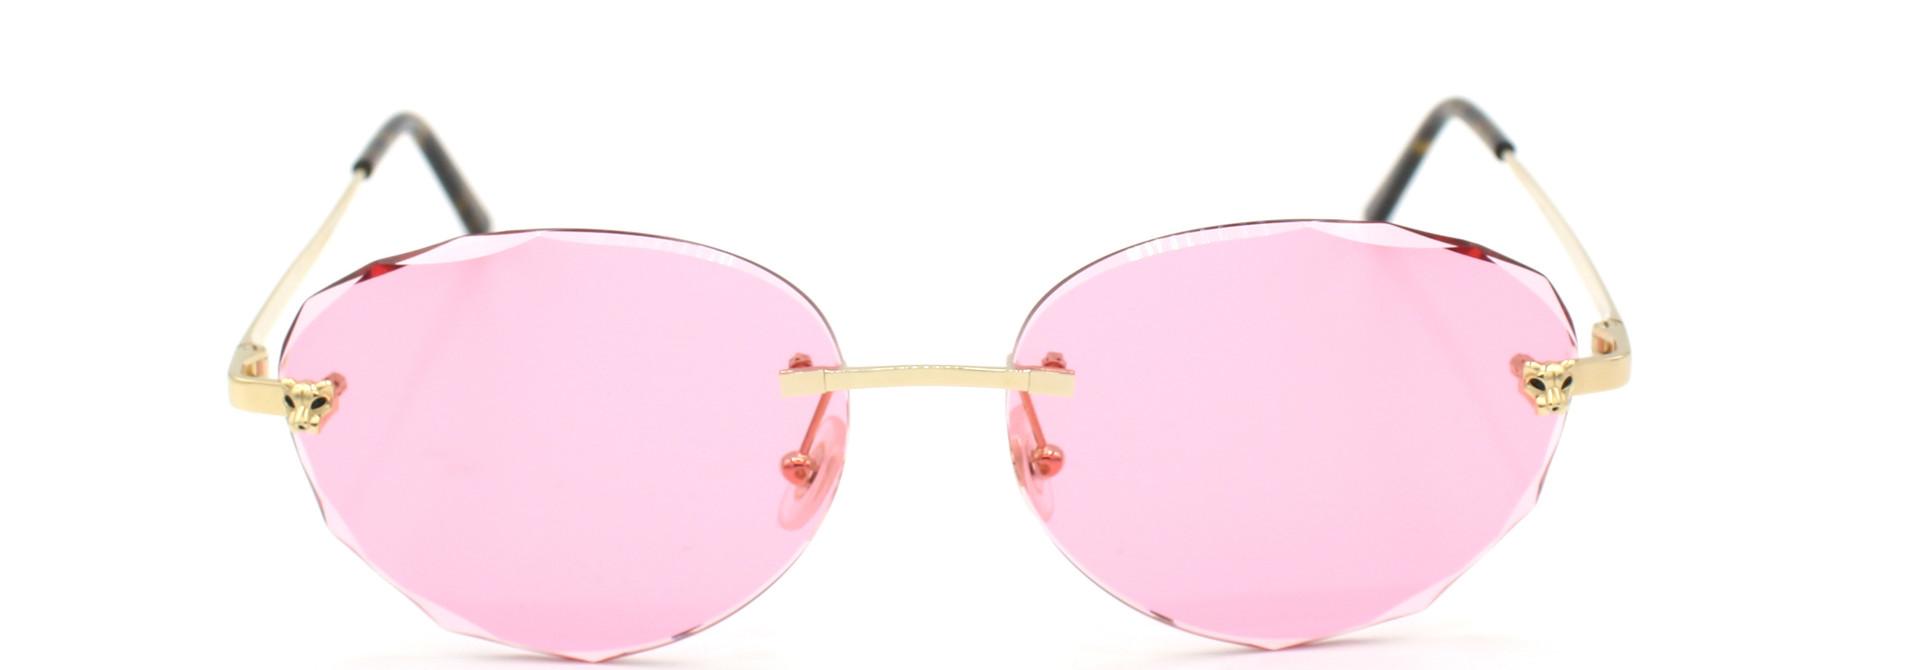 Cartier - CT0148O Panthere - Pink Diamond Cut - 001